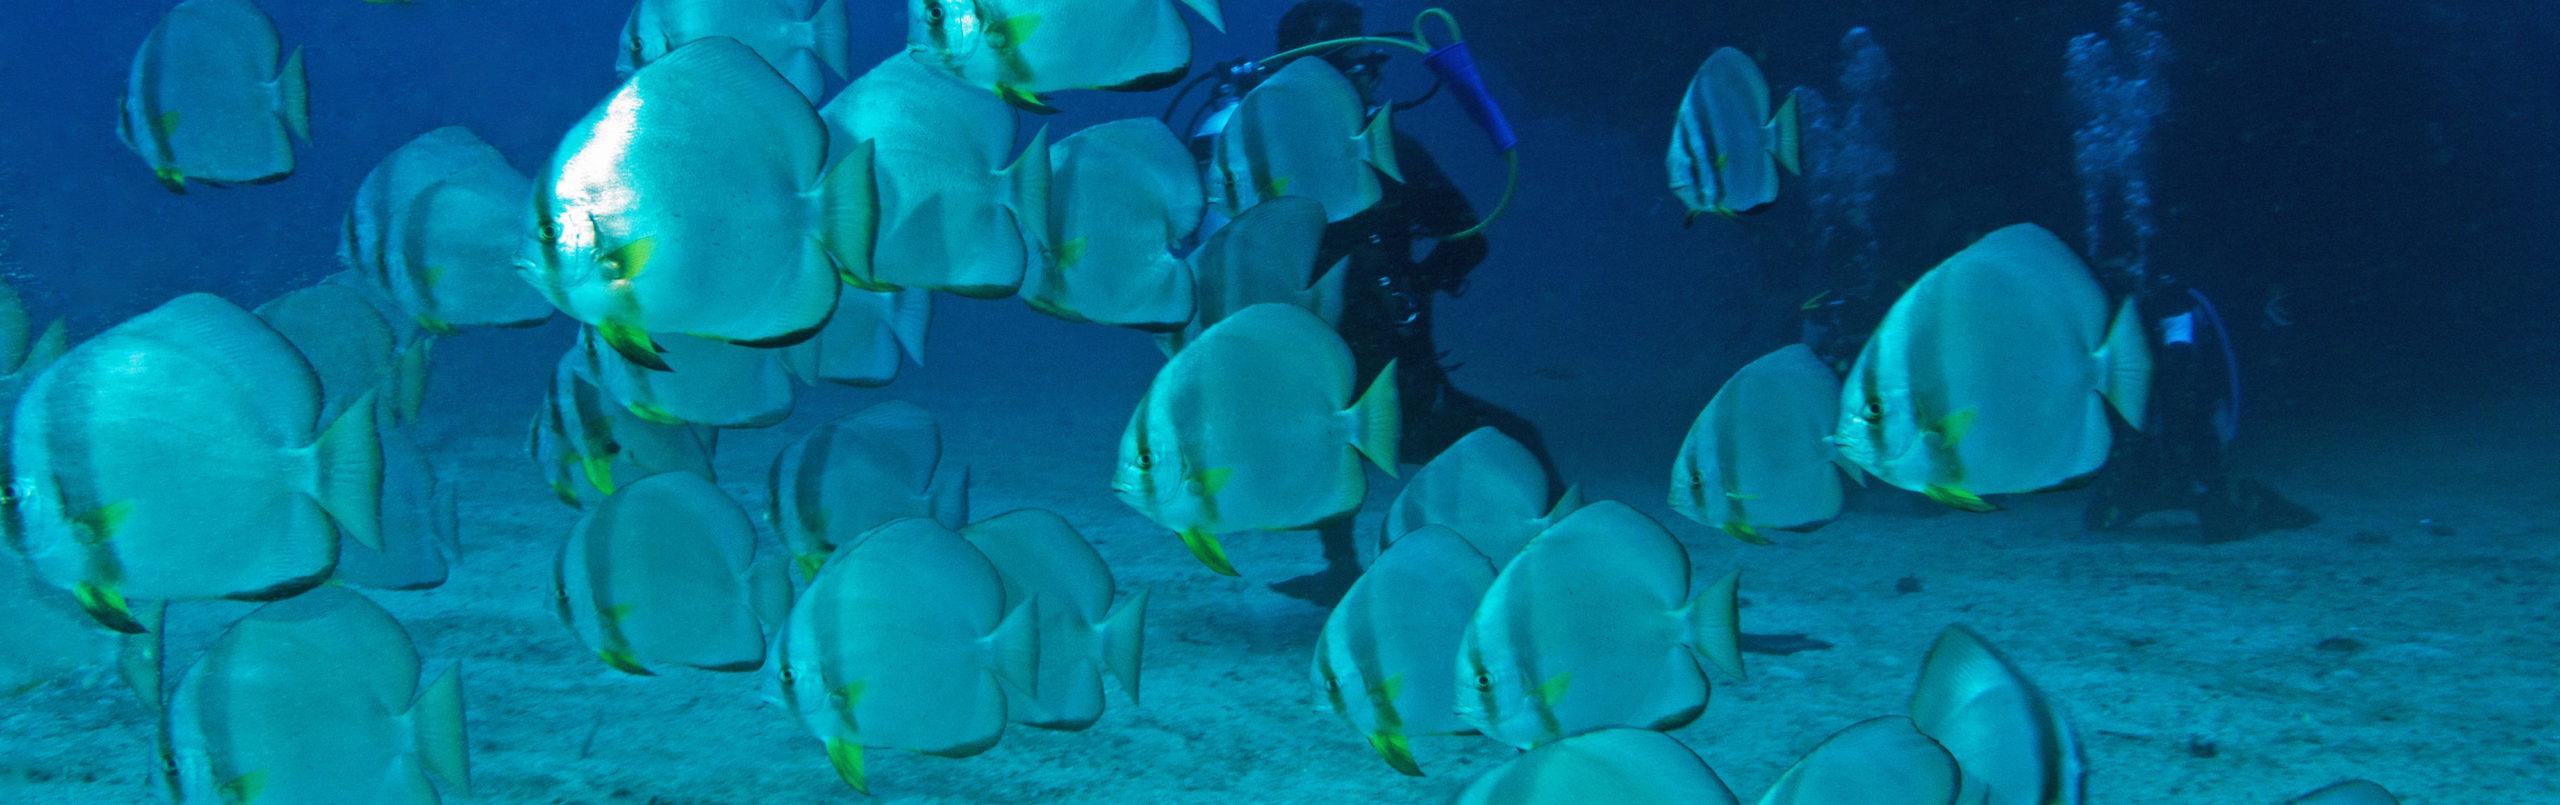 プエルトガレラの海の中 ツバメウオの群れ